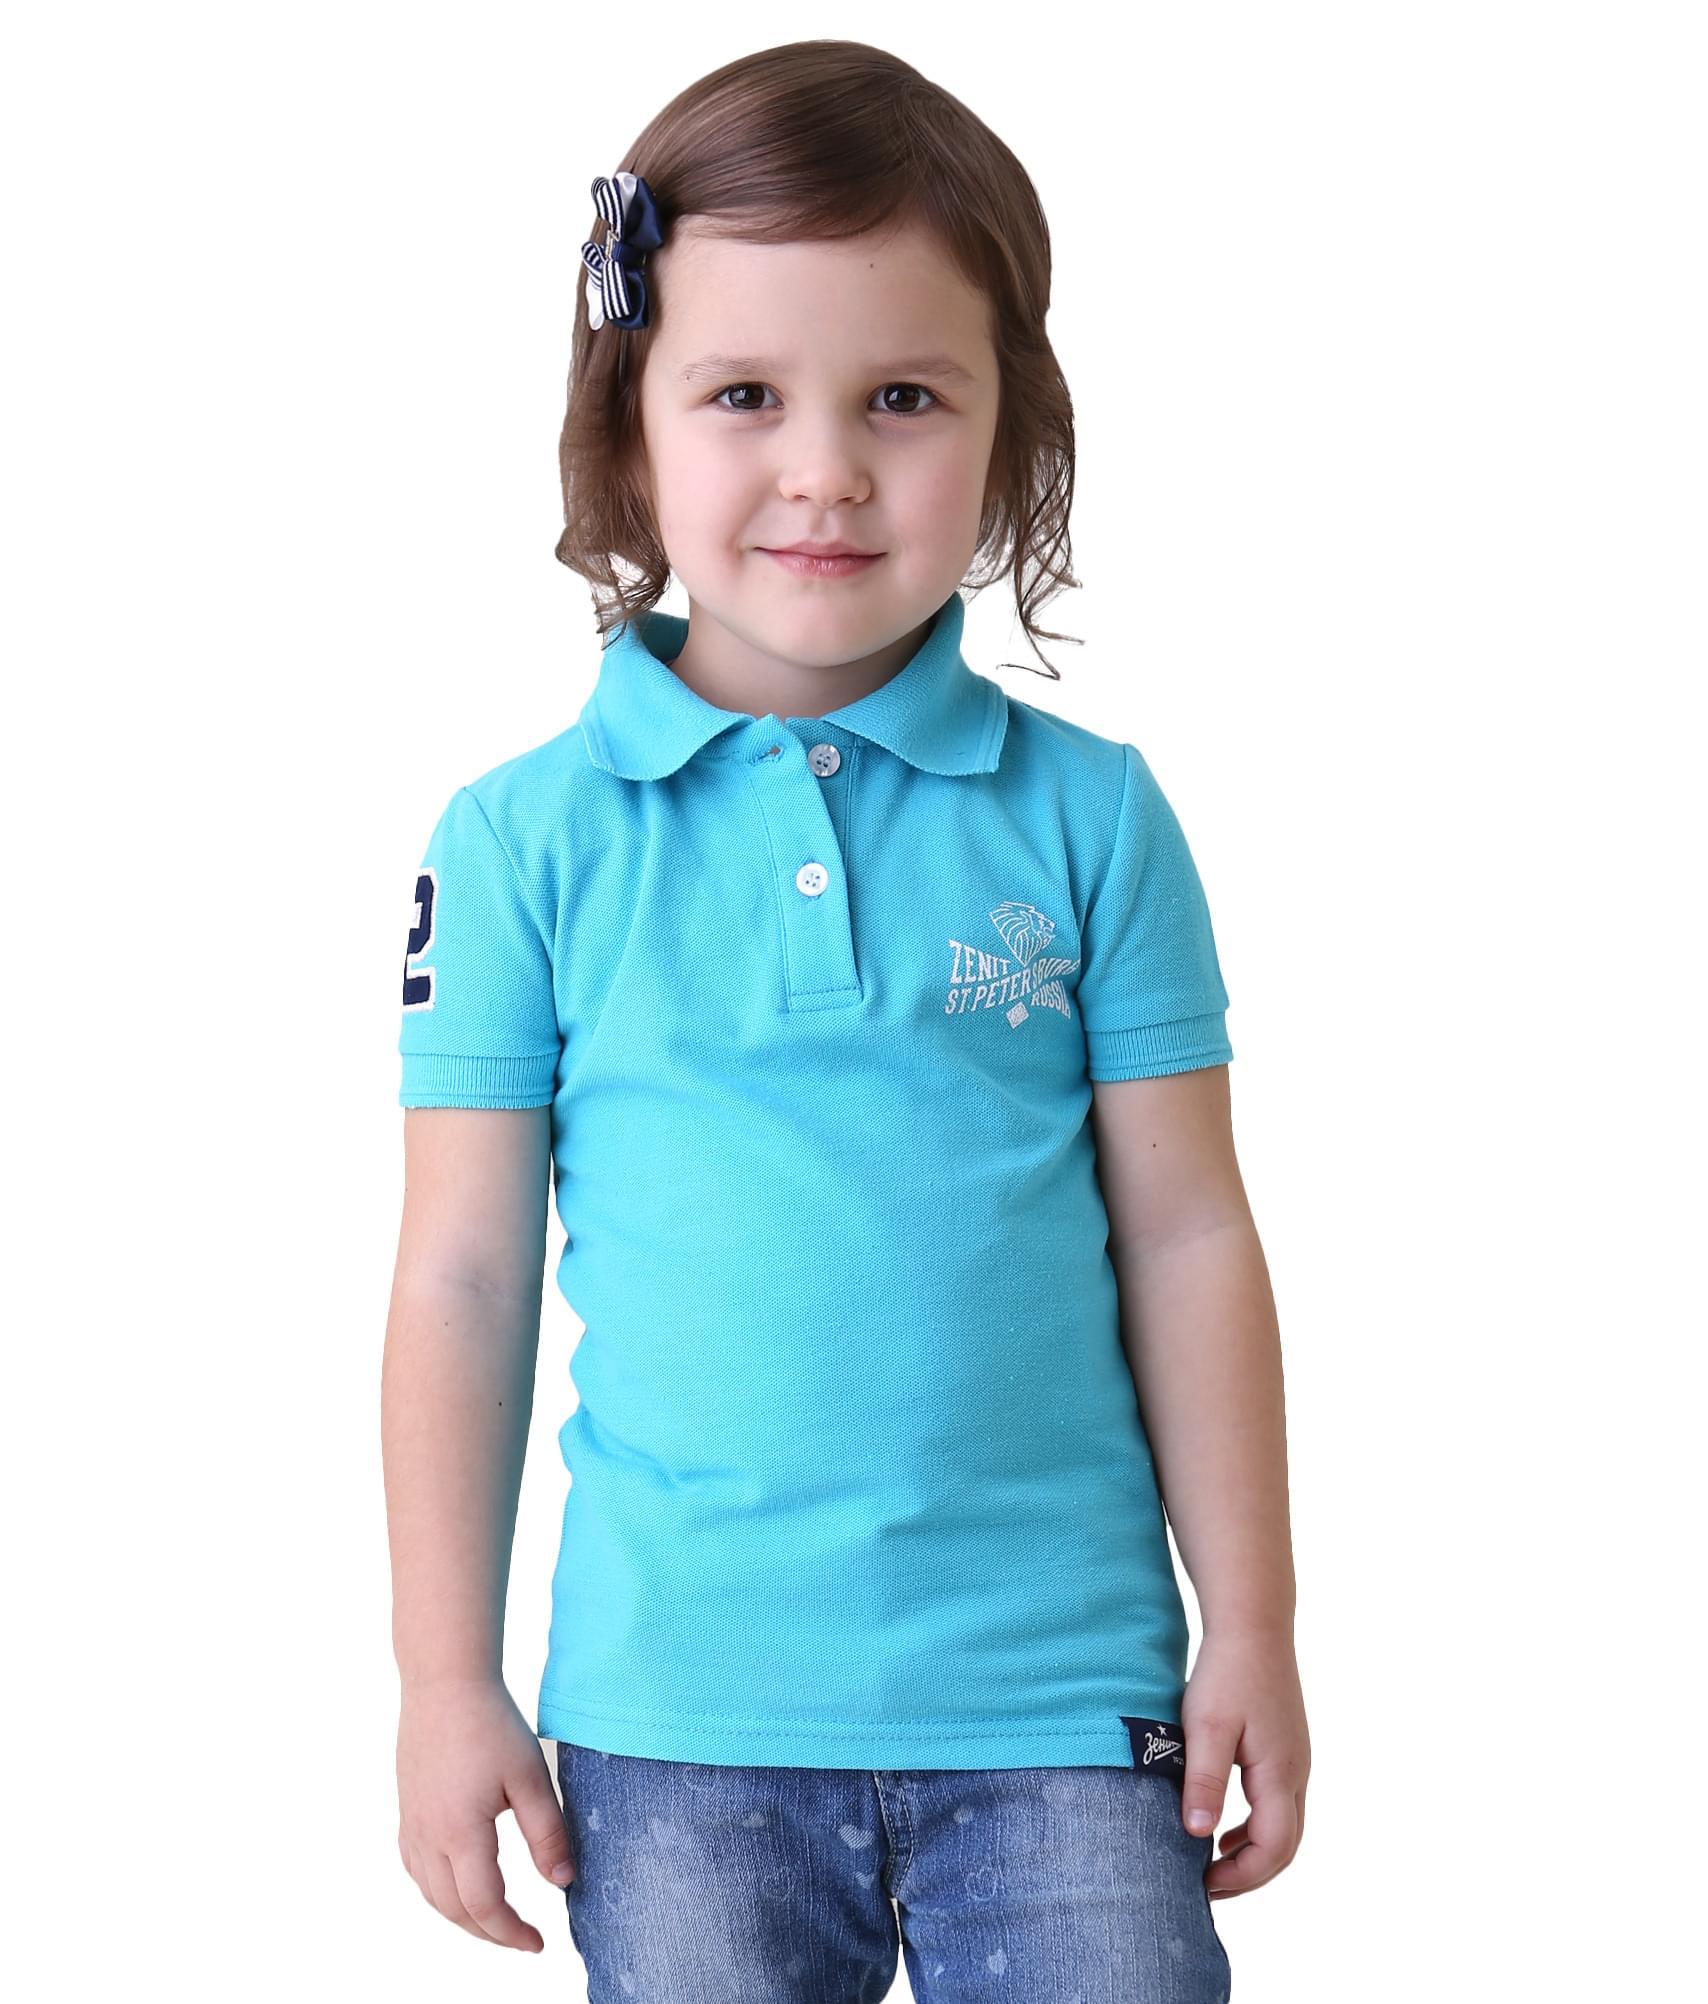 Поло детское, Цвет-Бирюзовый, Размер-158-164 платья acoola платье детское для девочек цвет синий размер 158 20210200180